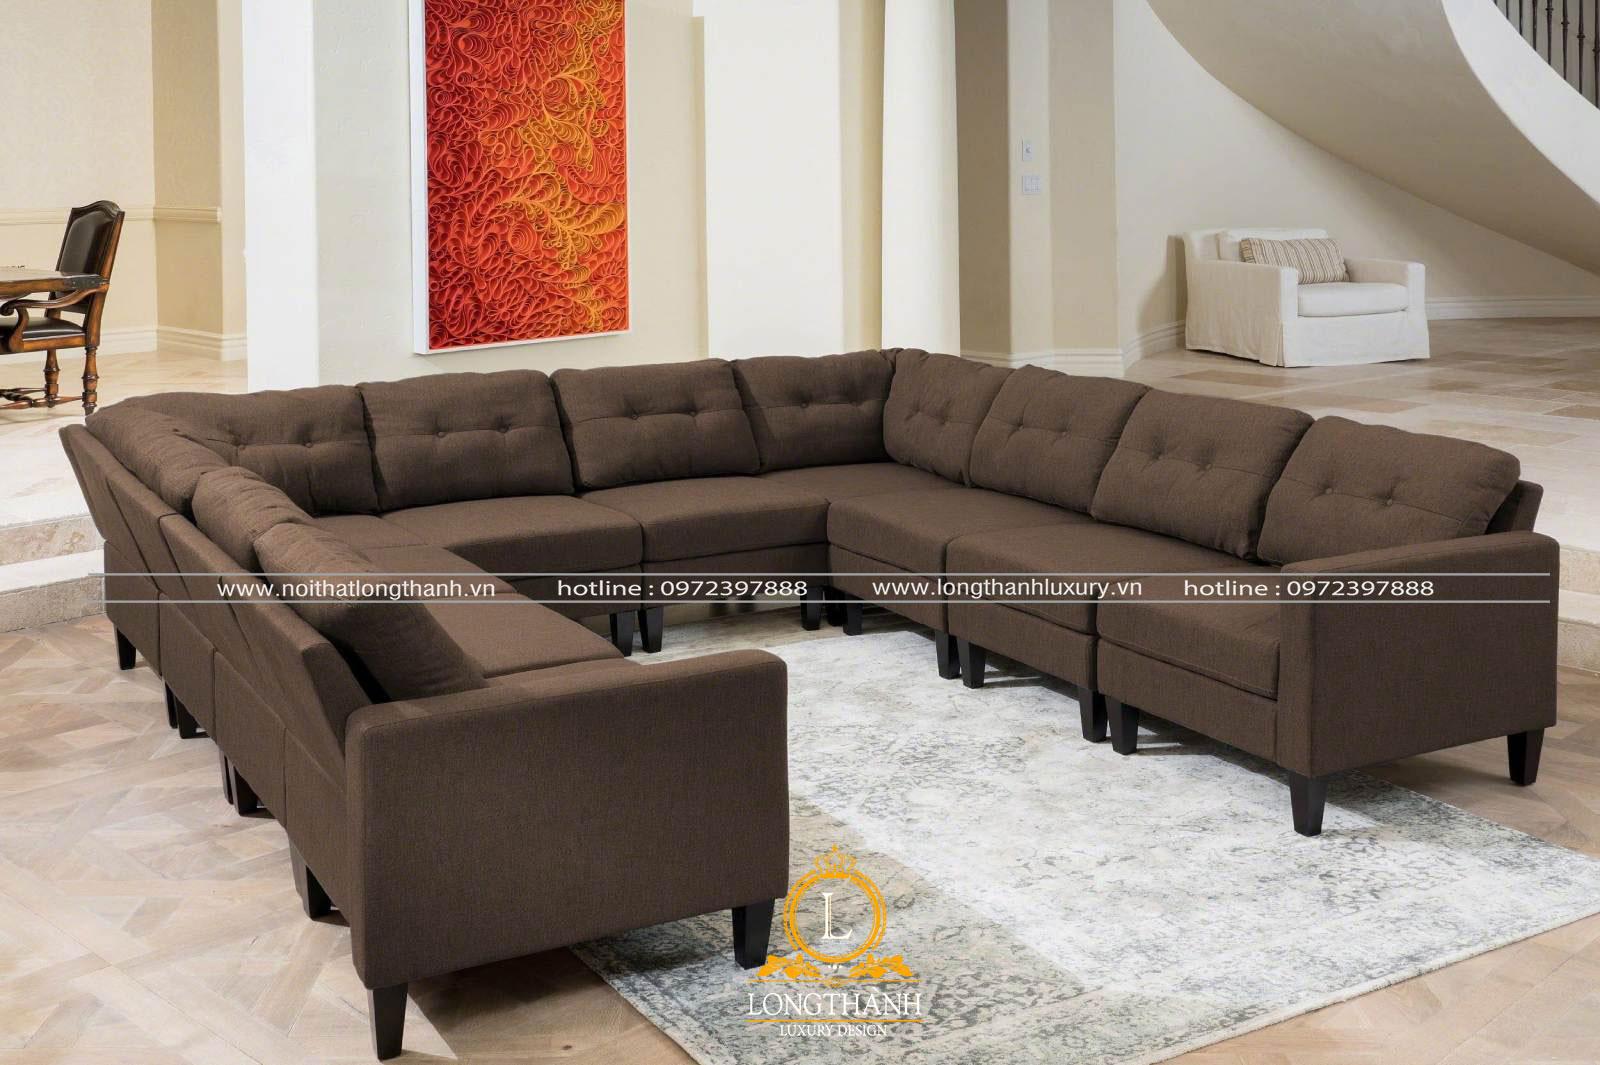 Sofa chữ u làm từ vải dùng cho phòng khách hiện đại đơn giản